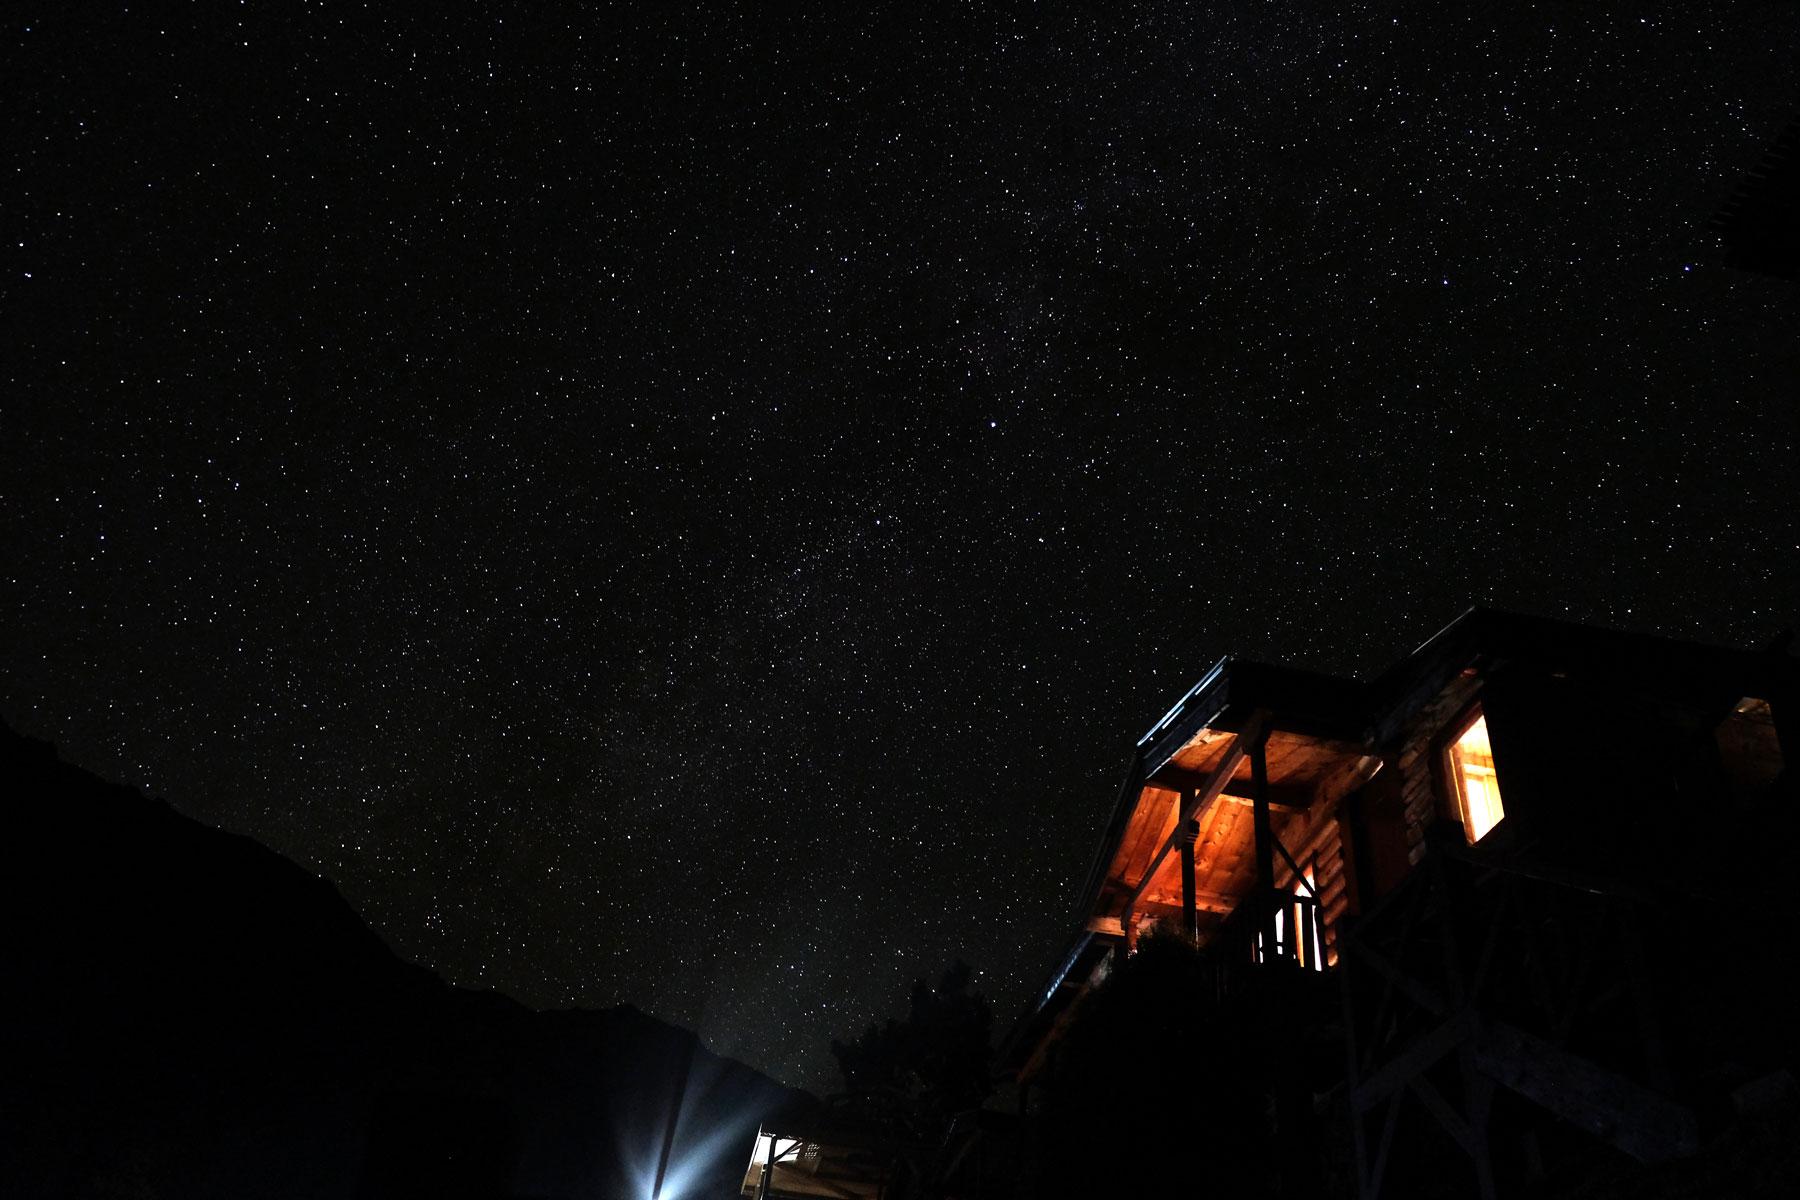 Der Sternenhimmel über Fairy Meadows. Alleine dafür hat sich das Frieren nachts gelohnt!